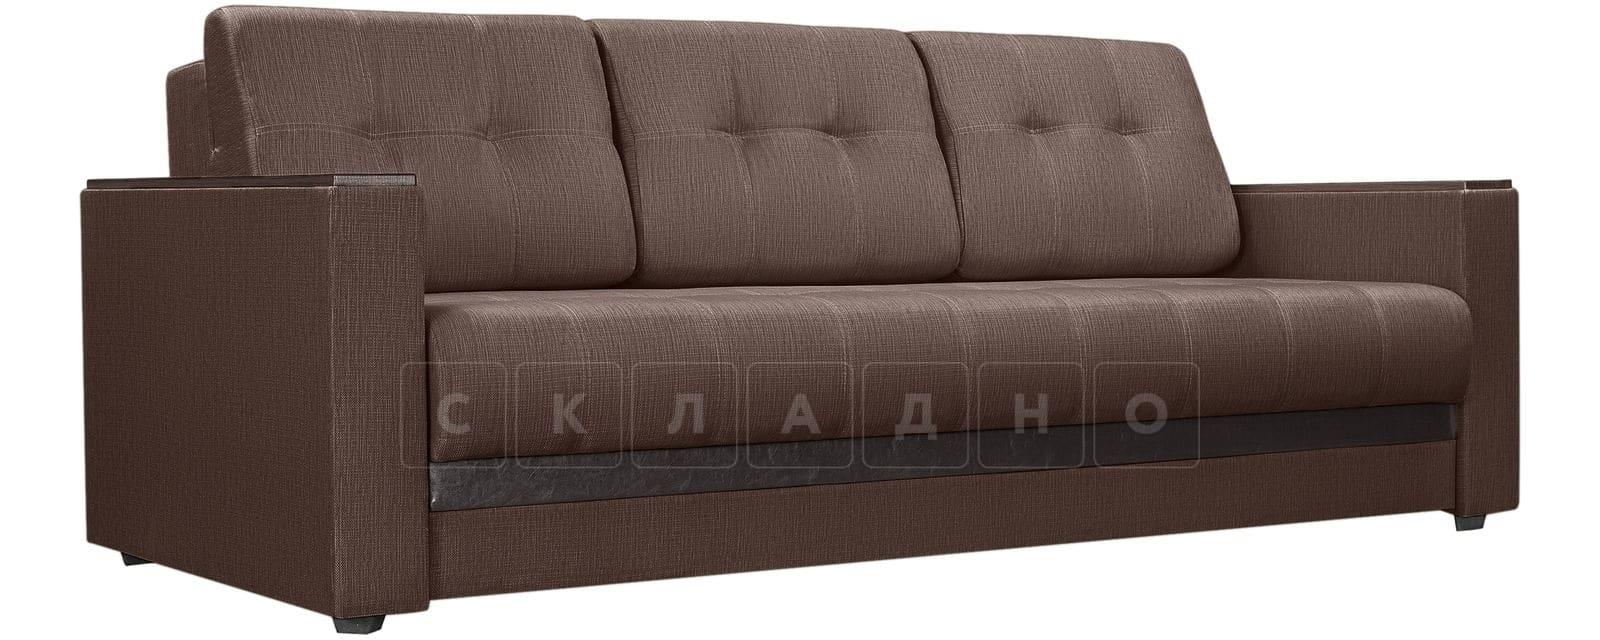 Диван Атланта рогожка коричневого цвета фото 1 | интернет-магазин Складно